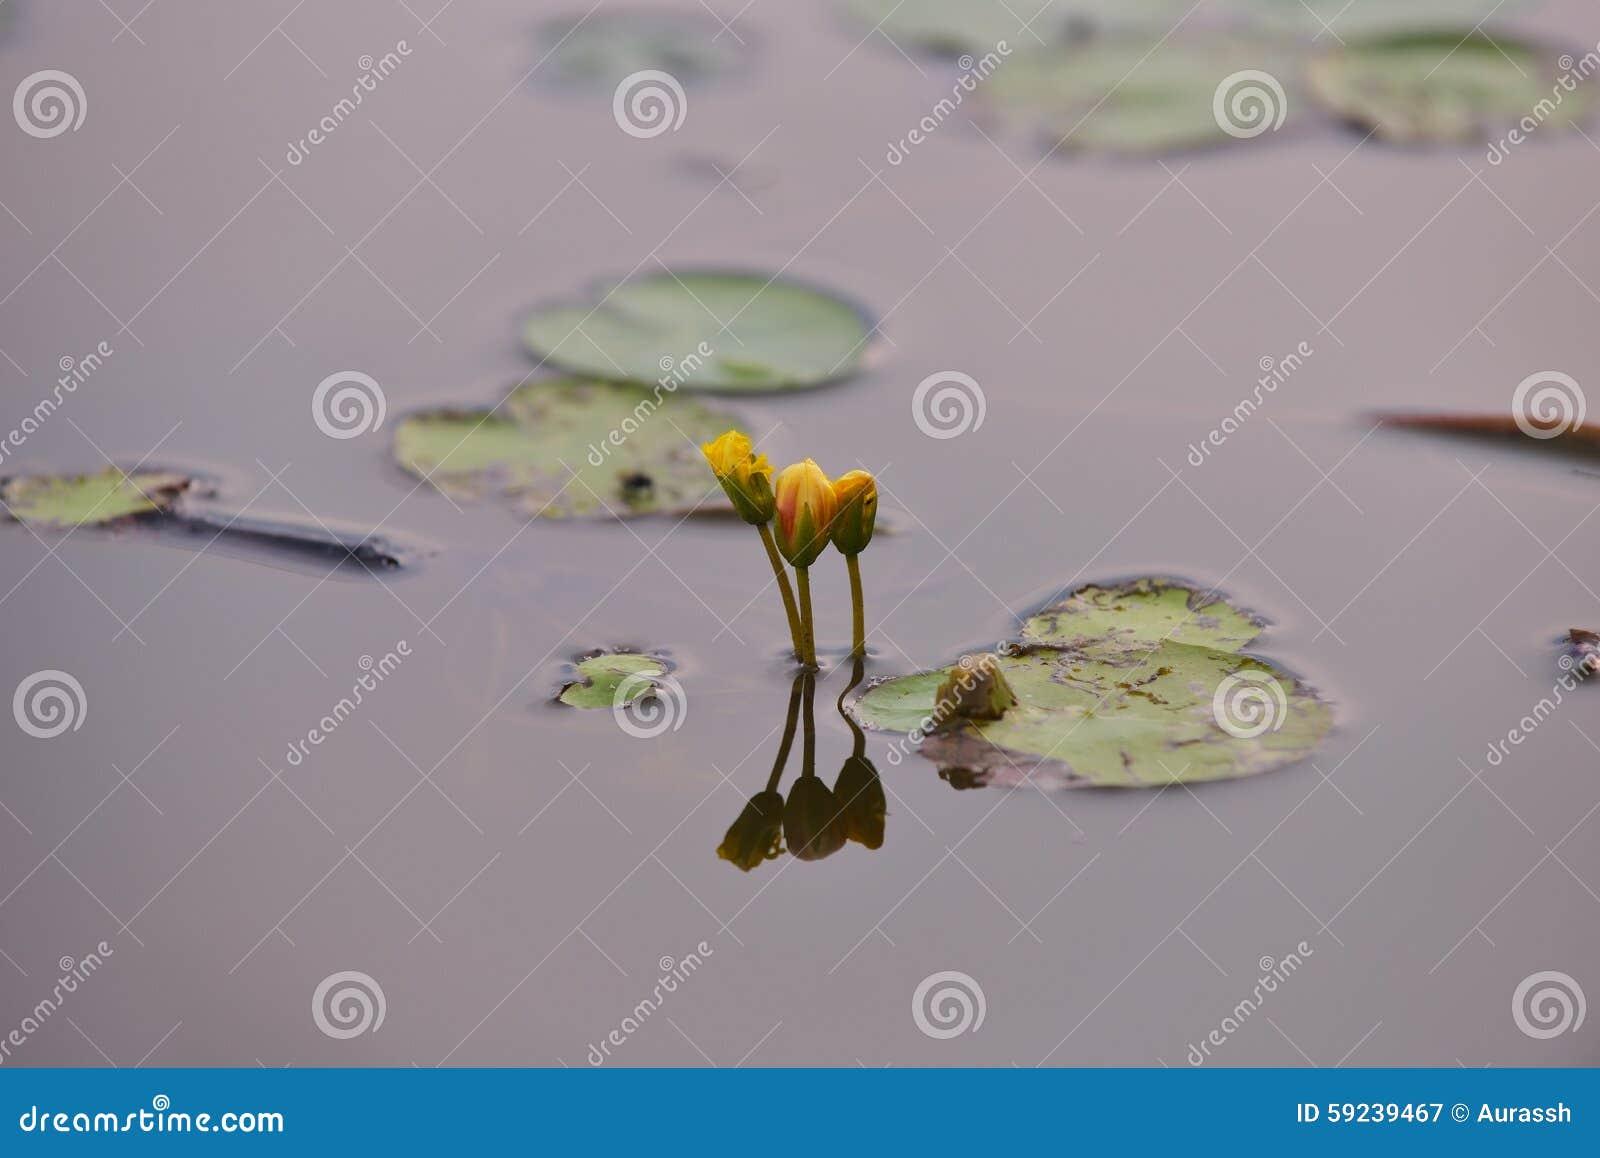 Download Lirios De Agua Amarilla En El Salvaje Imagen de archivo - Imagen de grande, bastante: 59239467